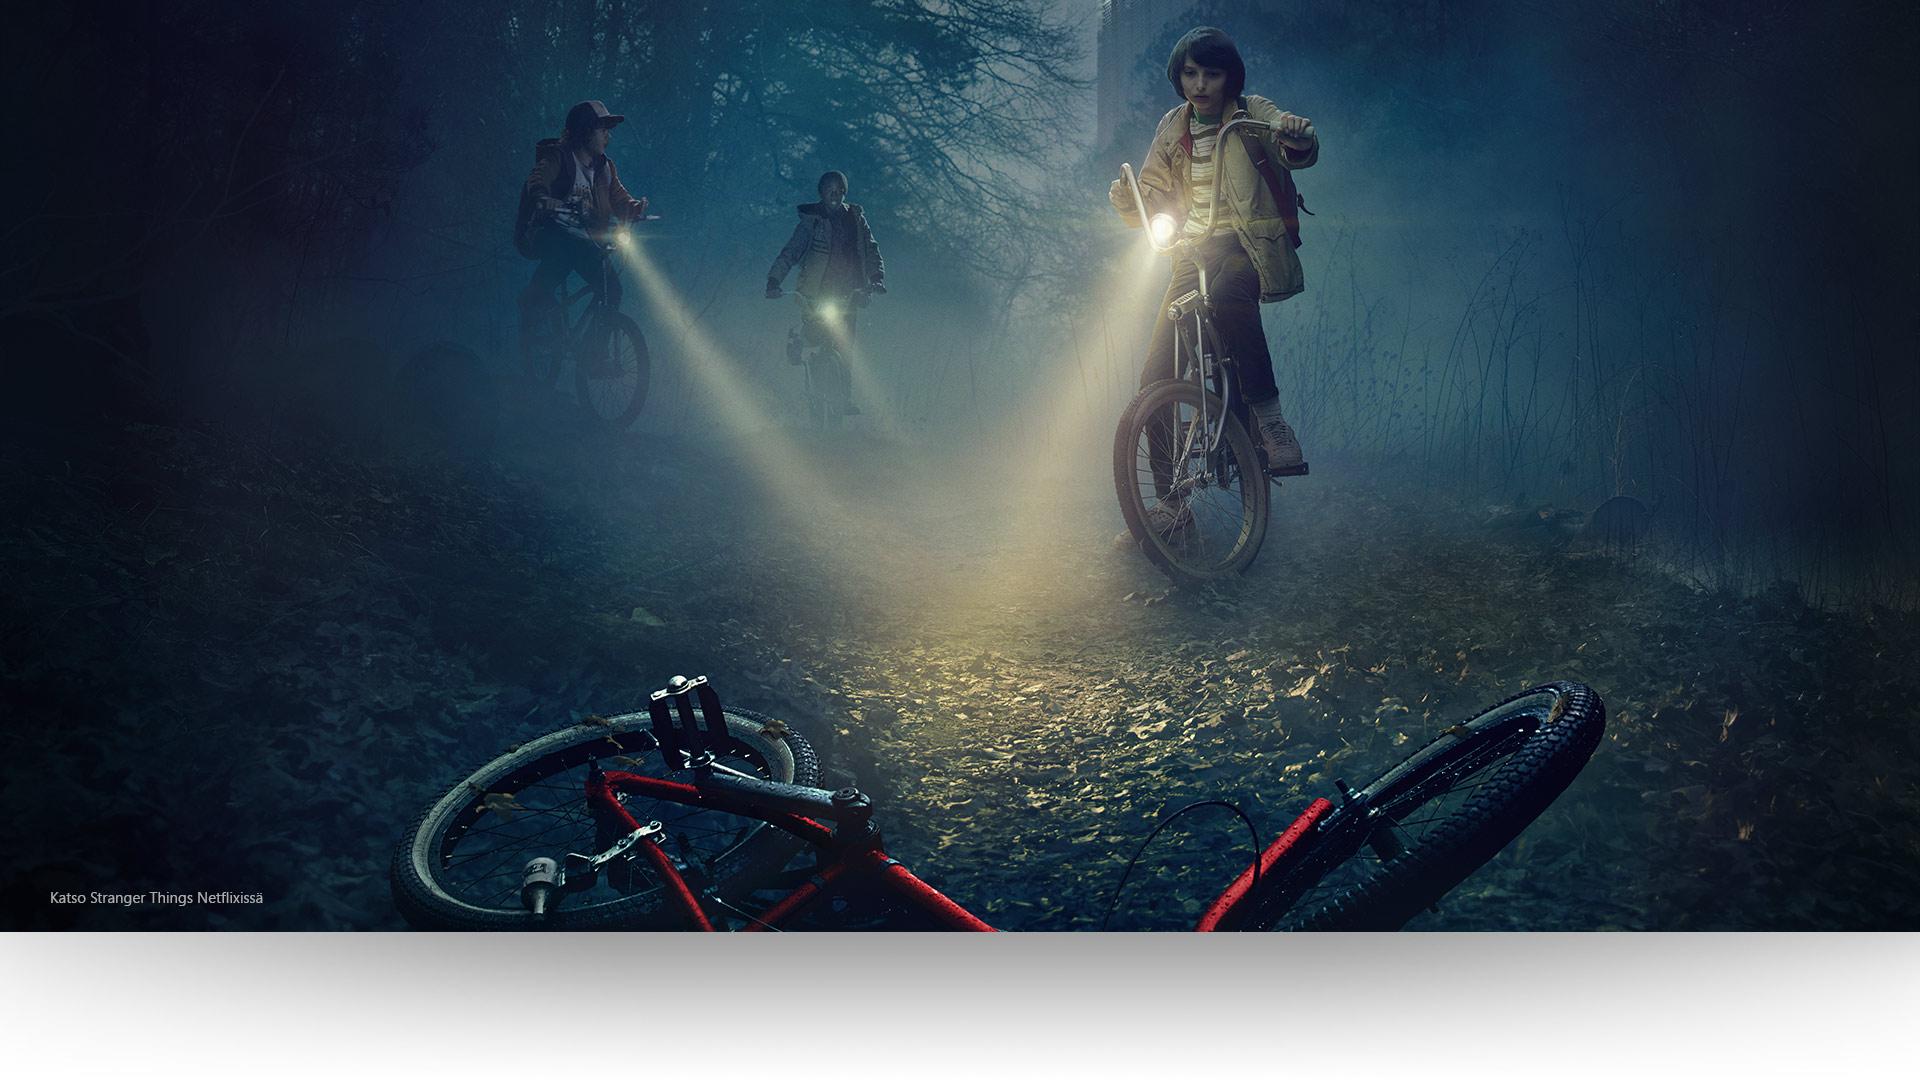 Stranger things -kohtaus, jossa lapset löytävät metsästä pyörän